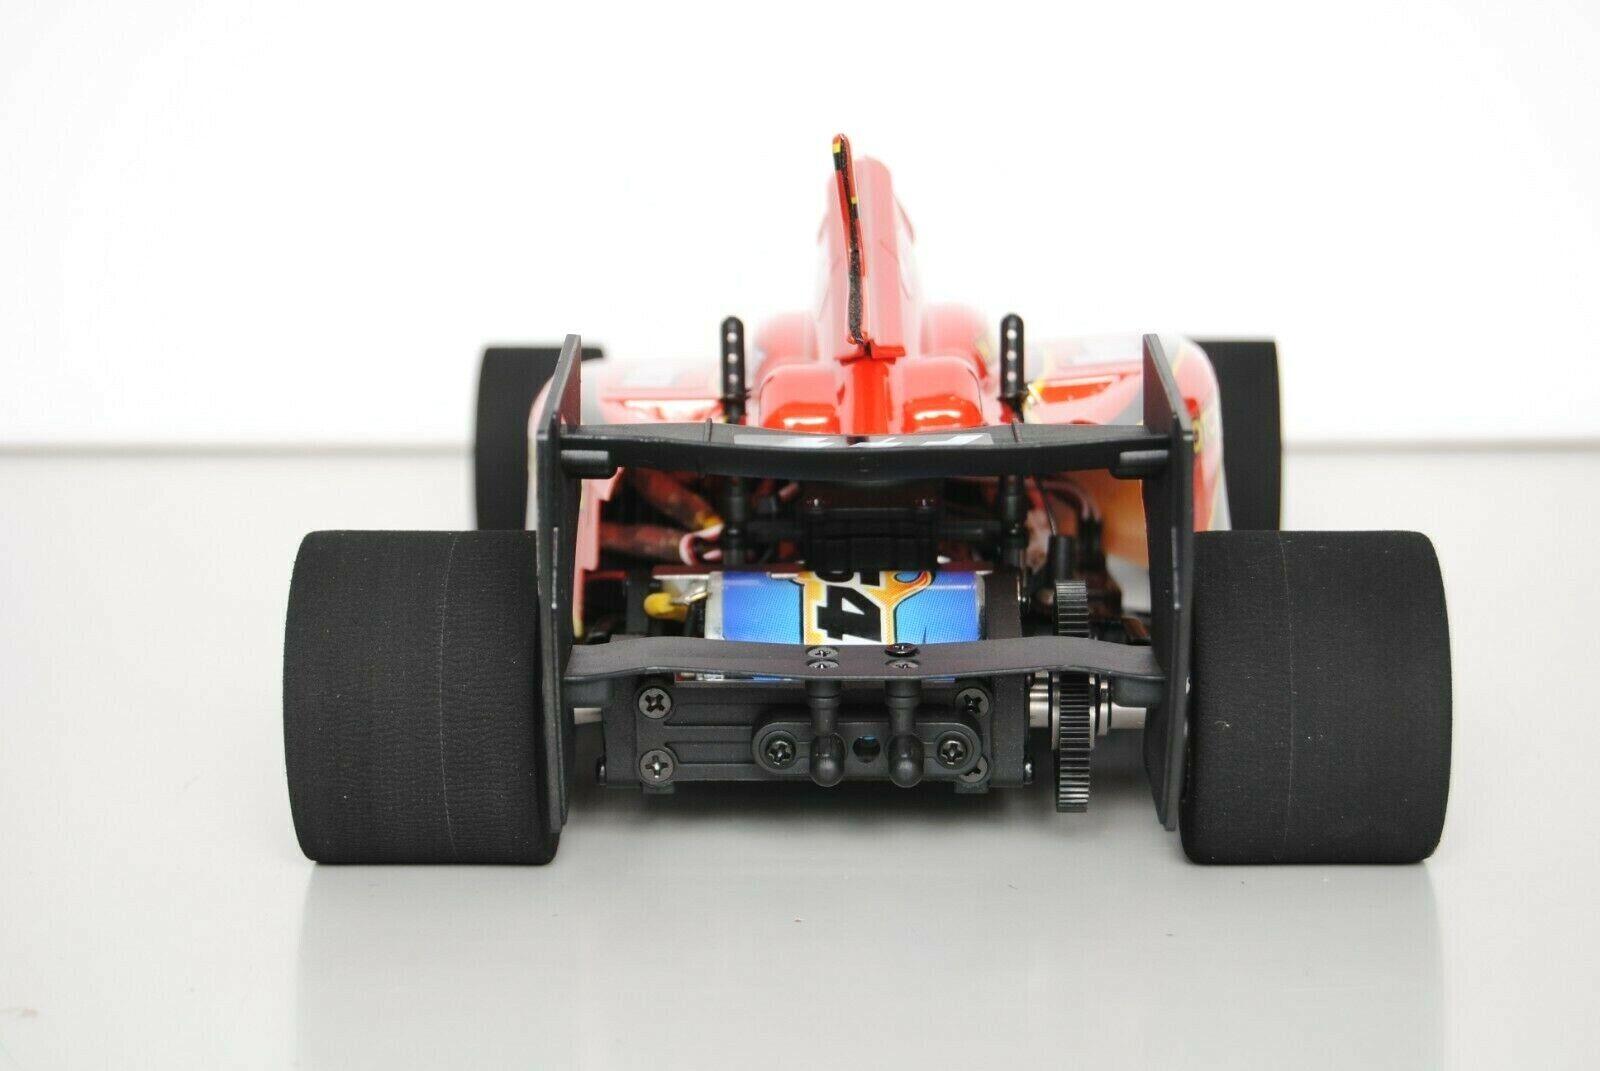 Himoto Automodello Formula 1 Ferrari Hi1121 Elektrischer 2wd 2wd 2wd 1 10 Ferngesteuert  | Haben Wir Lob Von Kunden Gewonnen  e69eee